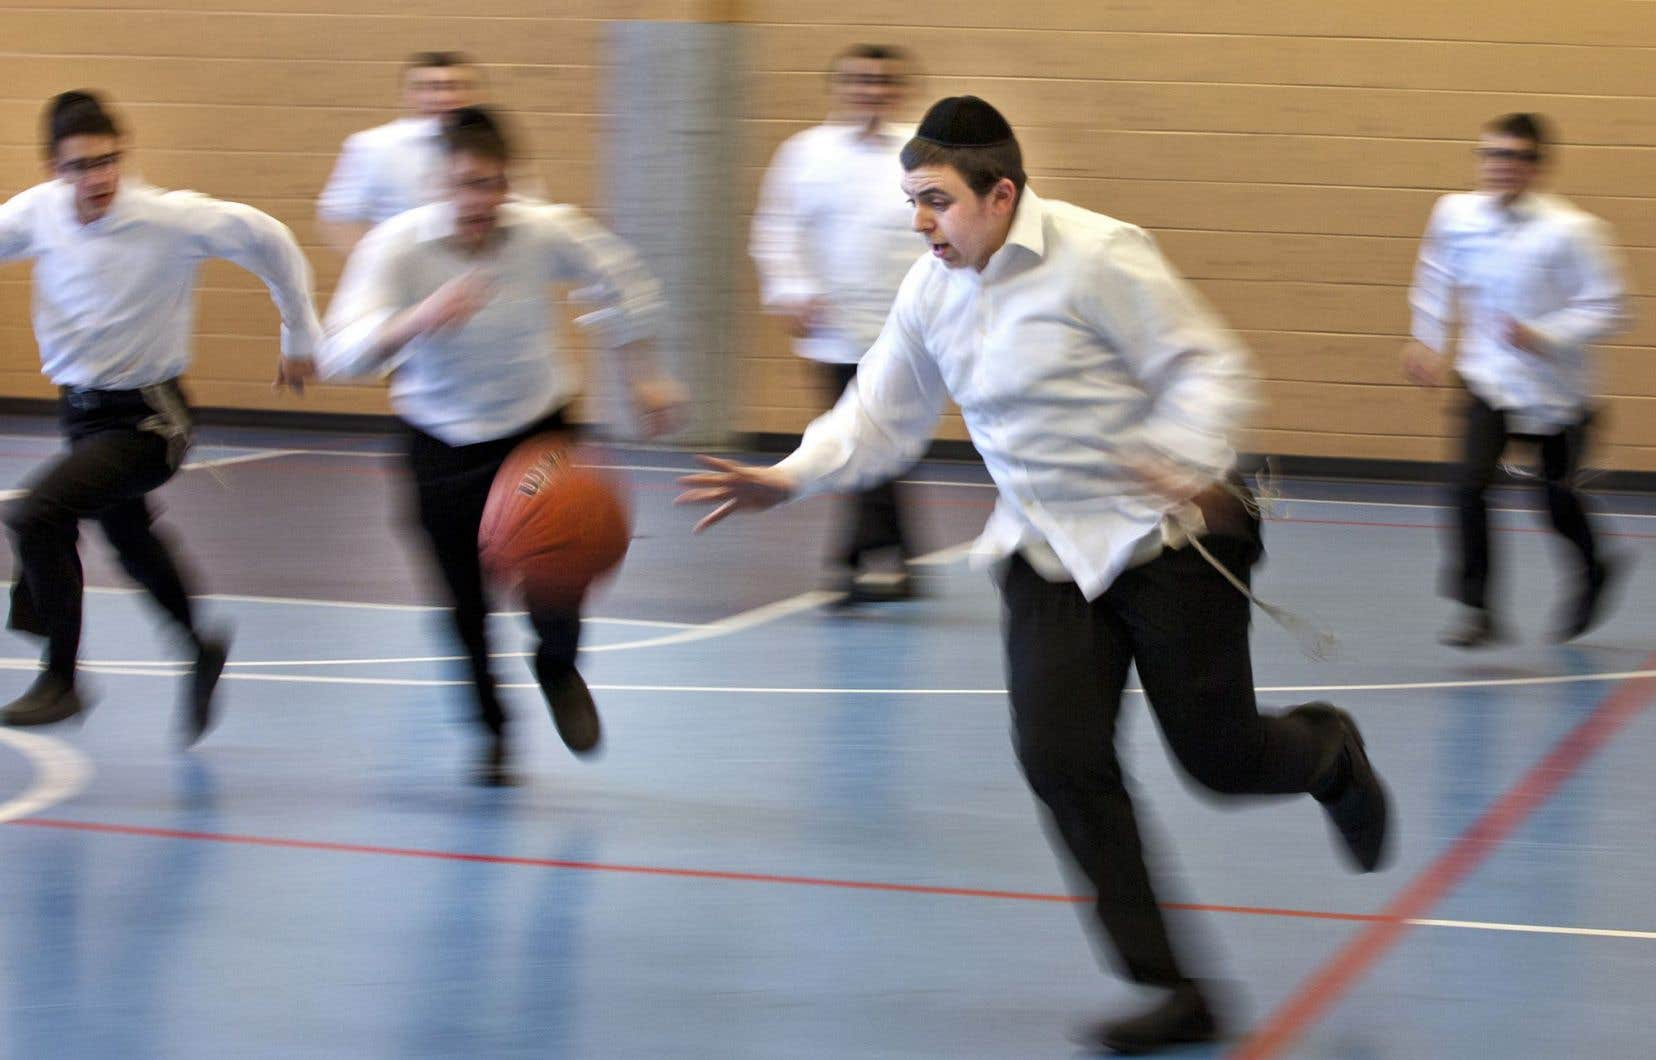 Portant l'uniforme réglementaire — chemise blanche, pantalons noirs et tzitzit —, des jeunes de la Yeshiva Gedola jouent au basket-ball sur l'heure du dîner.